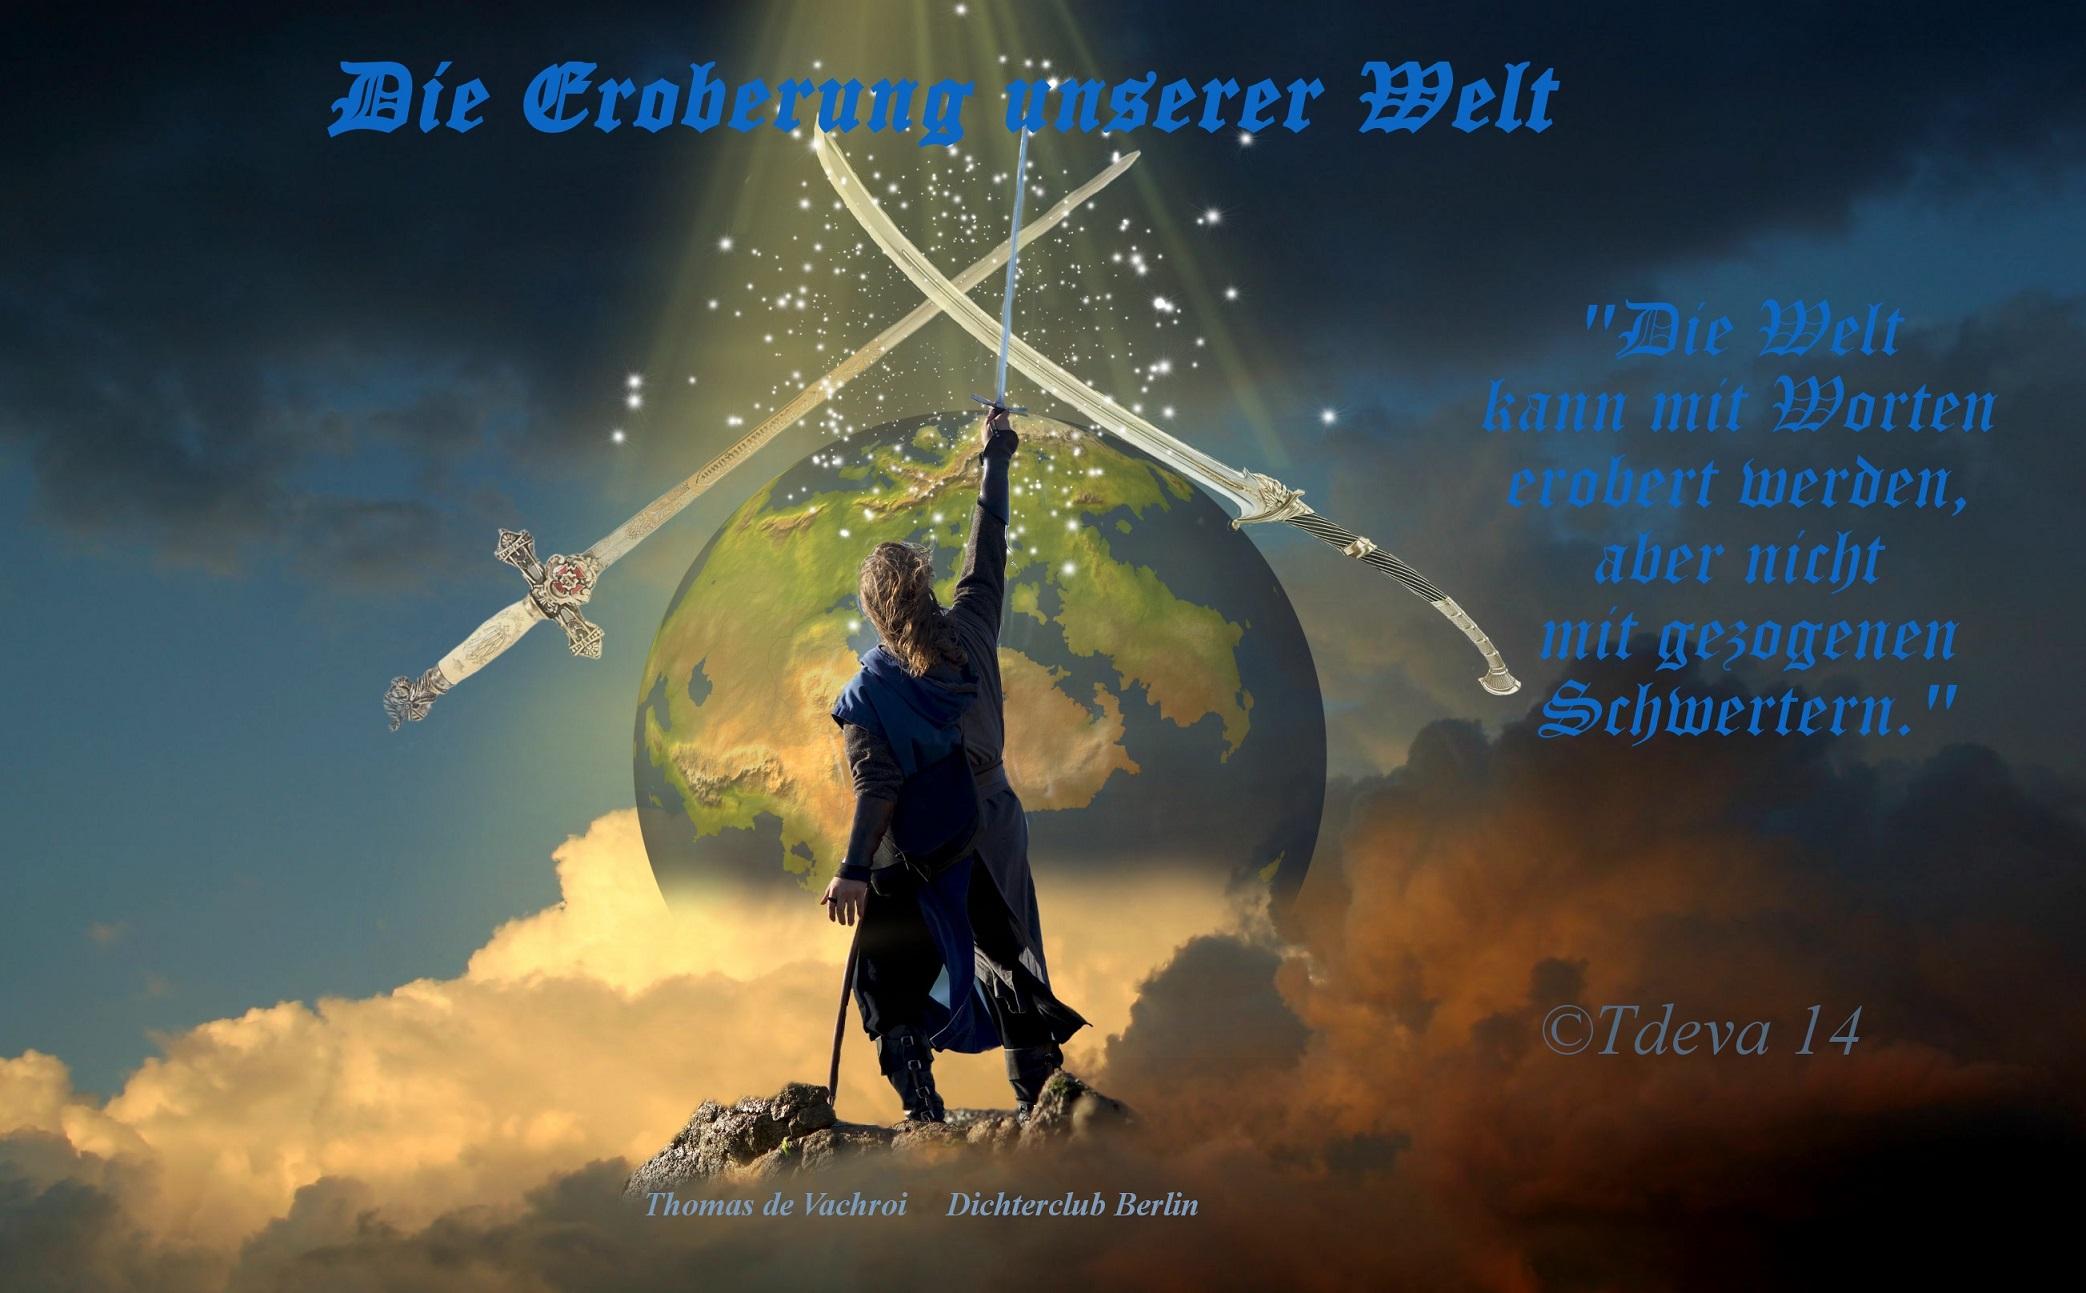 Die Eroberung unserer Welt!